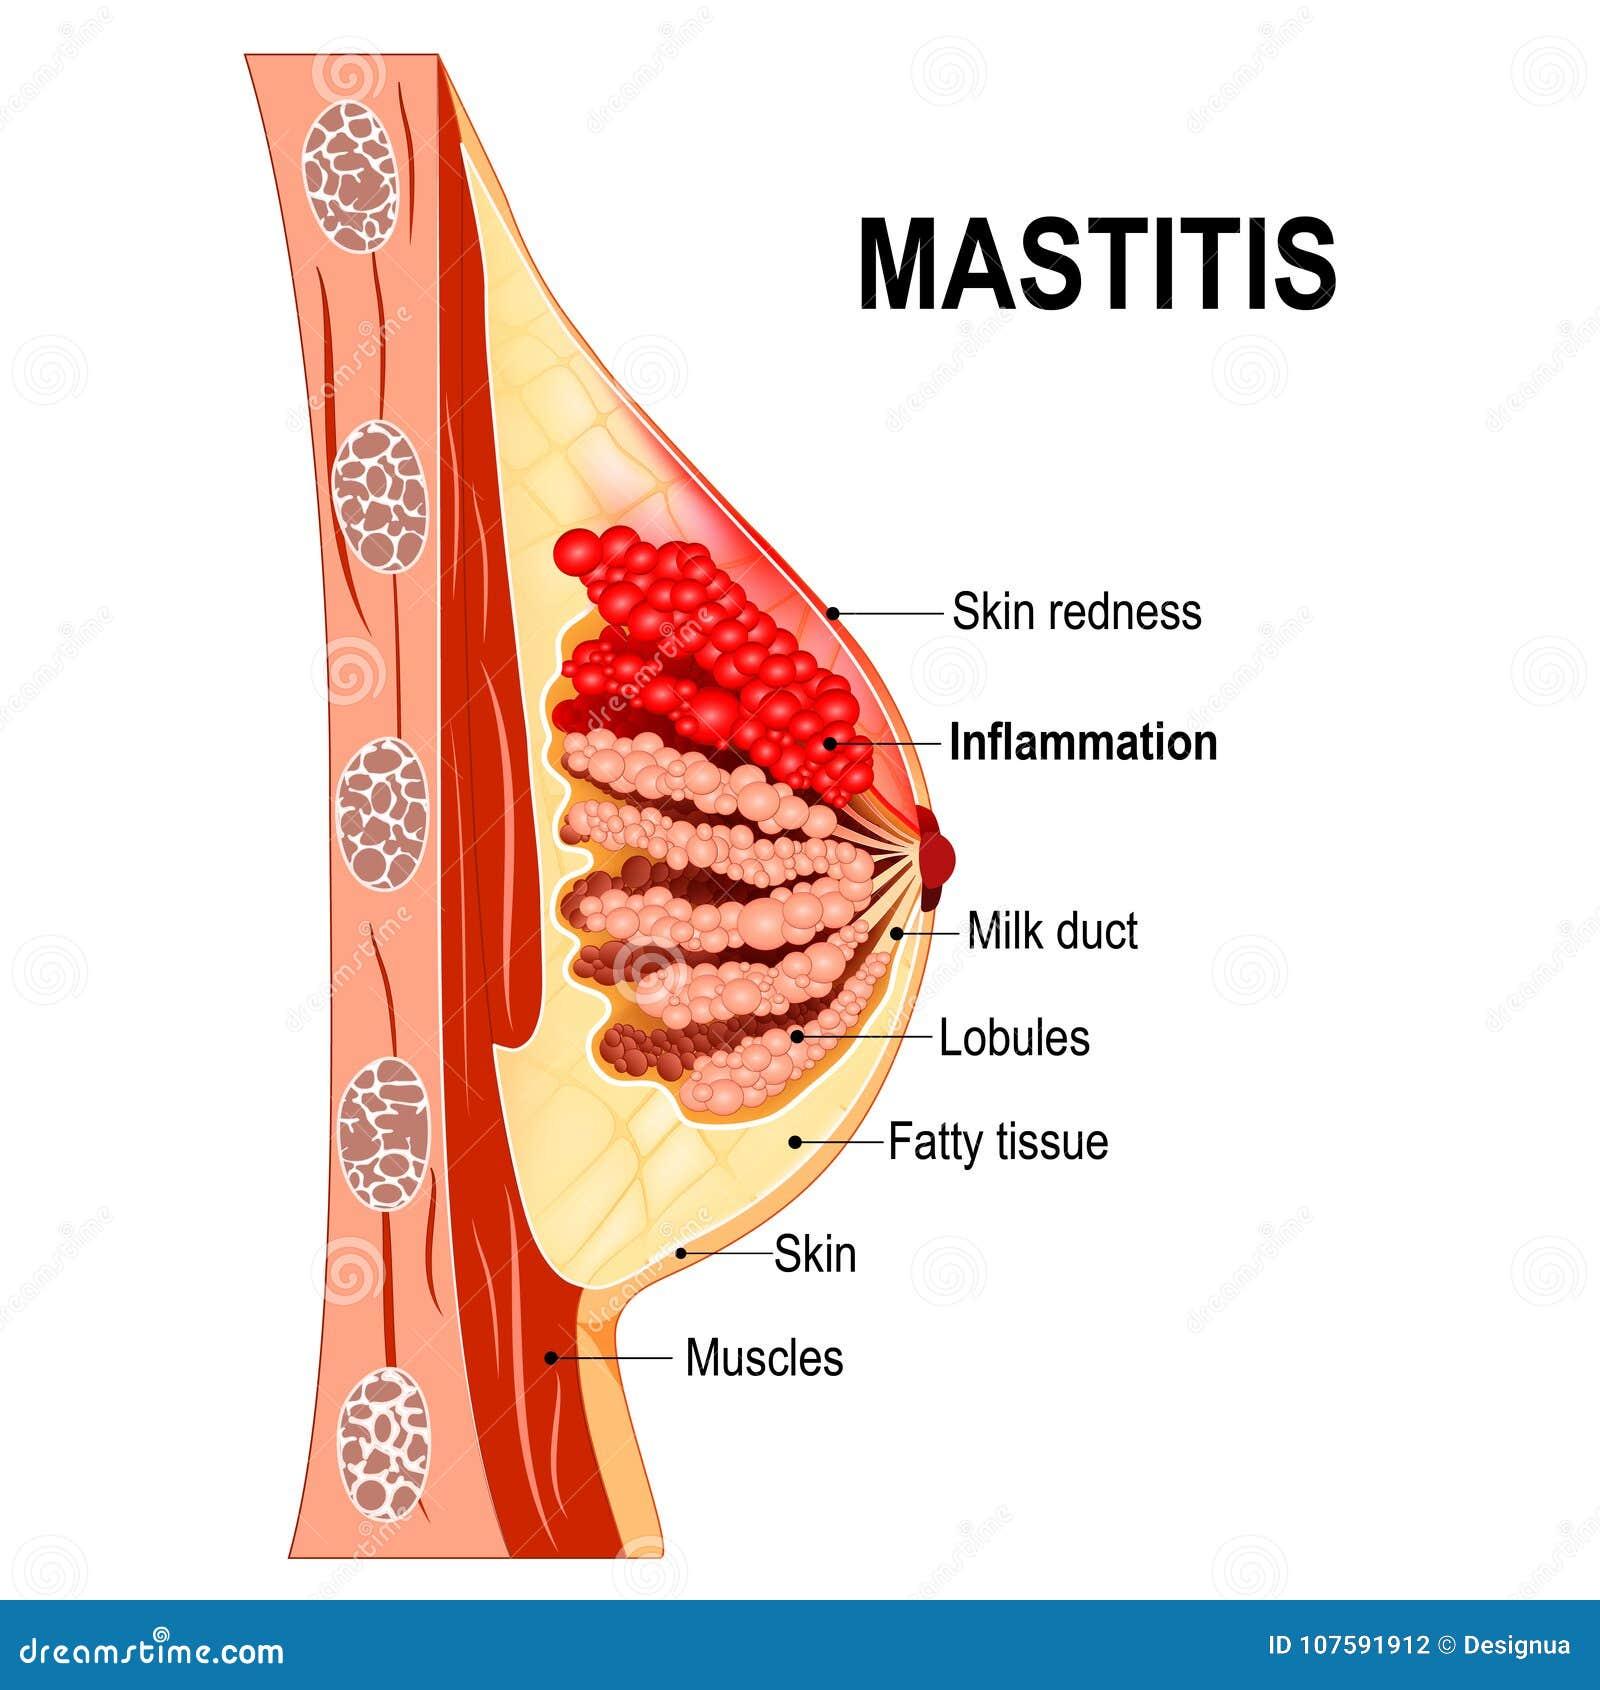 μαστίτιδα Διατομή του μαστικού αδένα με την ανάφλεξη ο